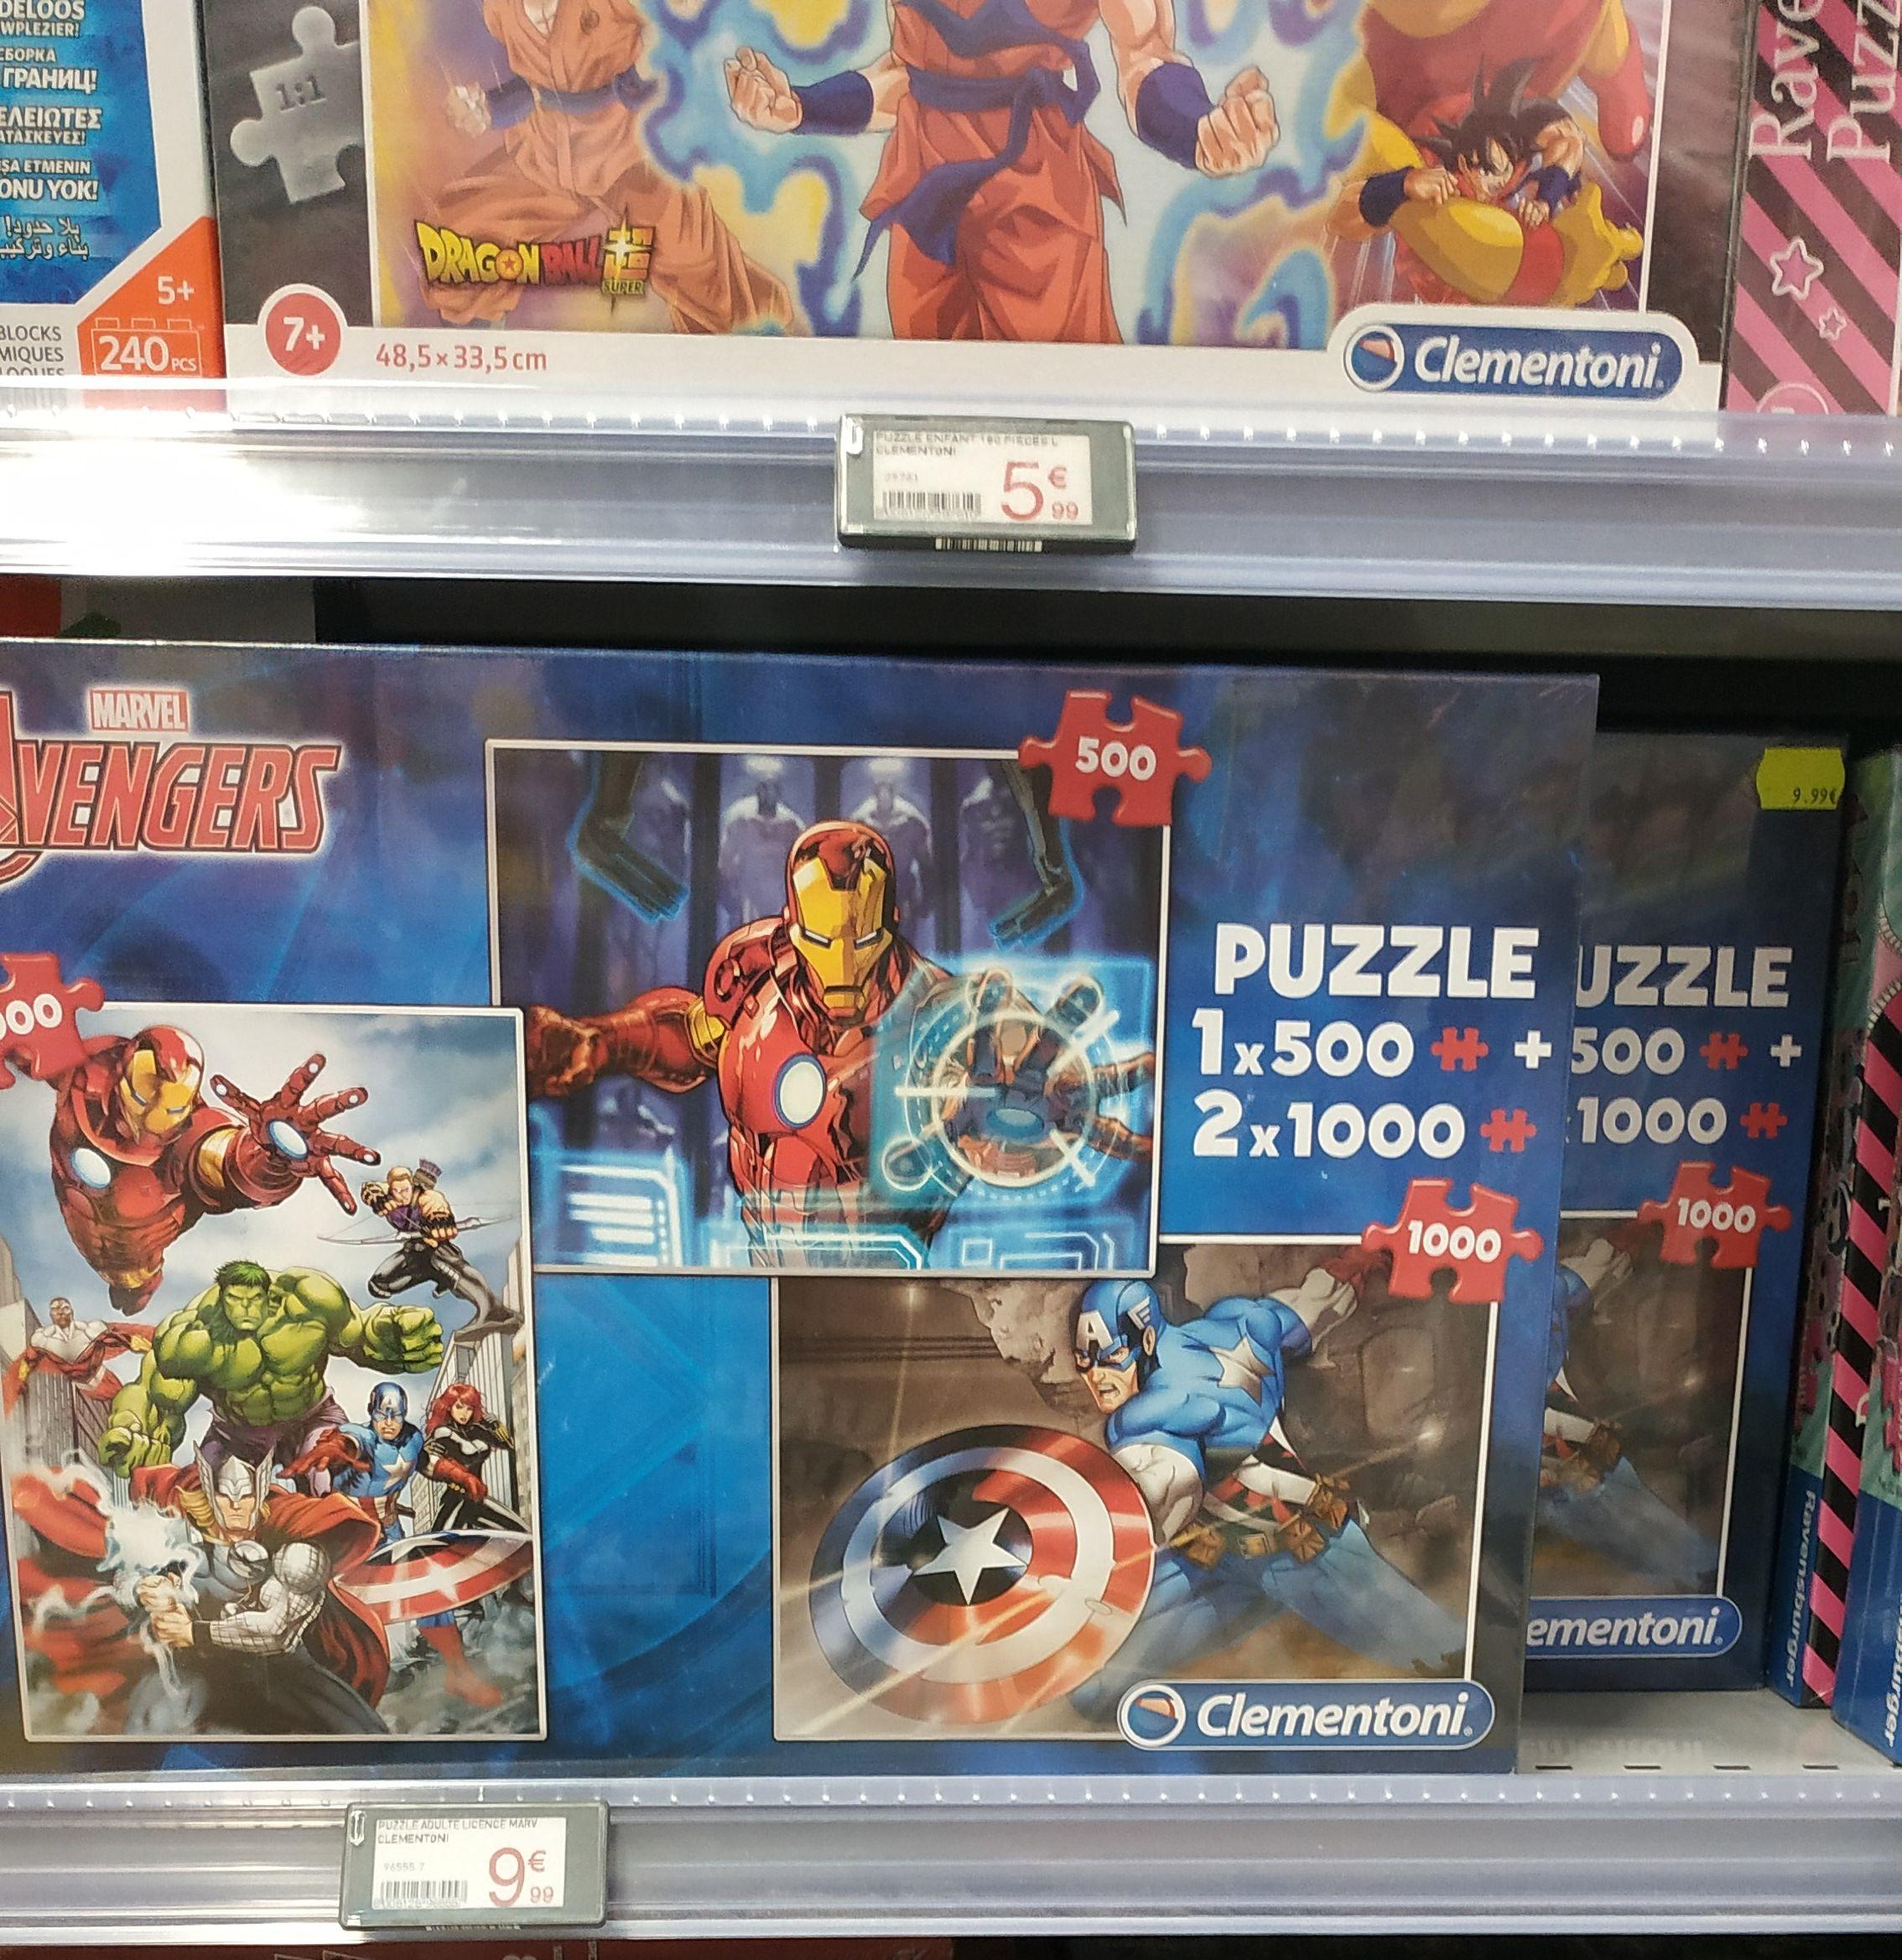 Coffret Puzzle Licence Marvel Avengers (2X1000 pièces, 1x500 pièces) - Niort (79)